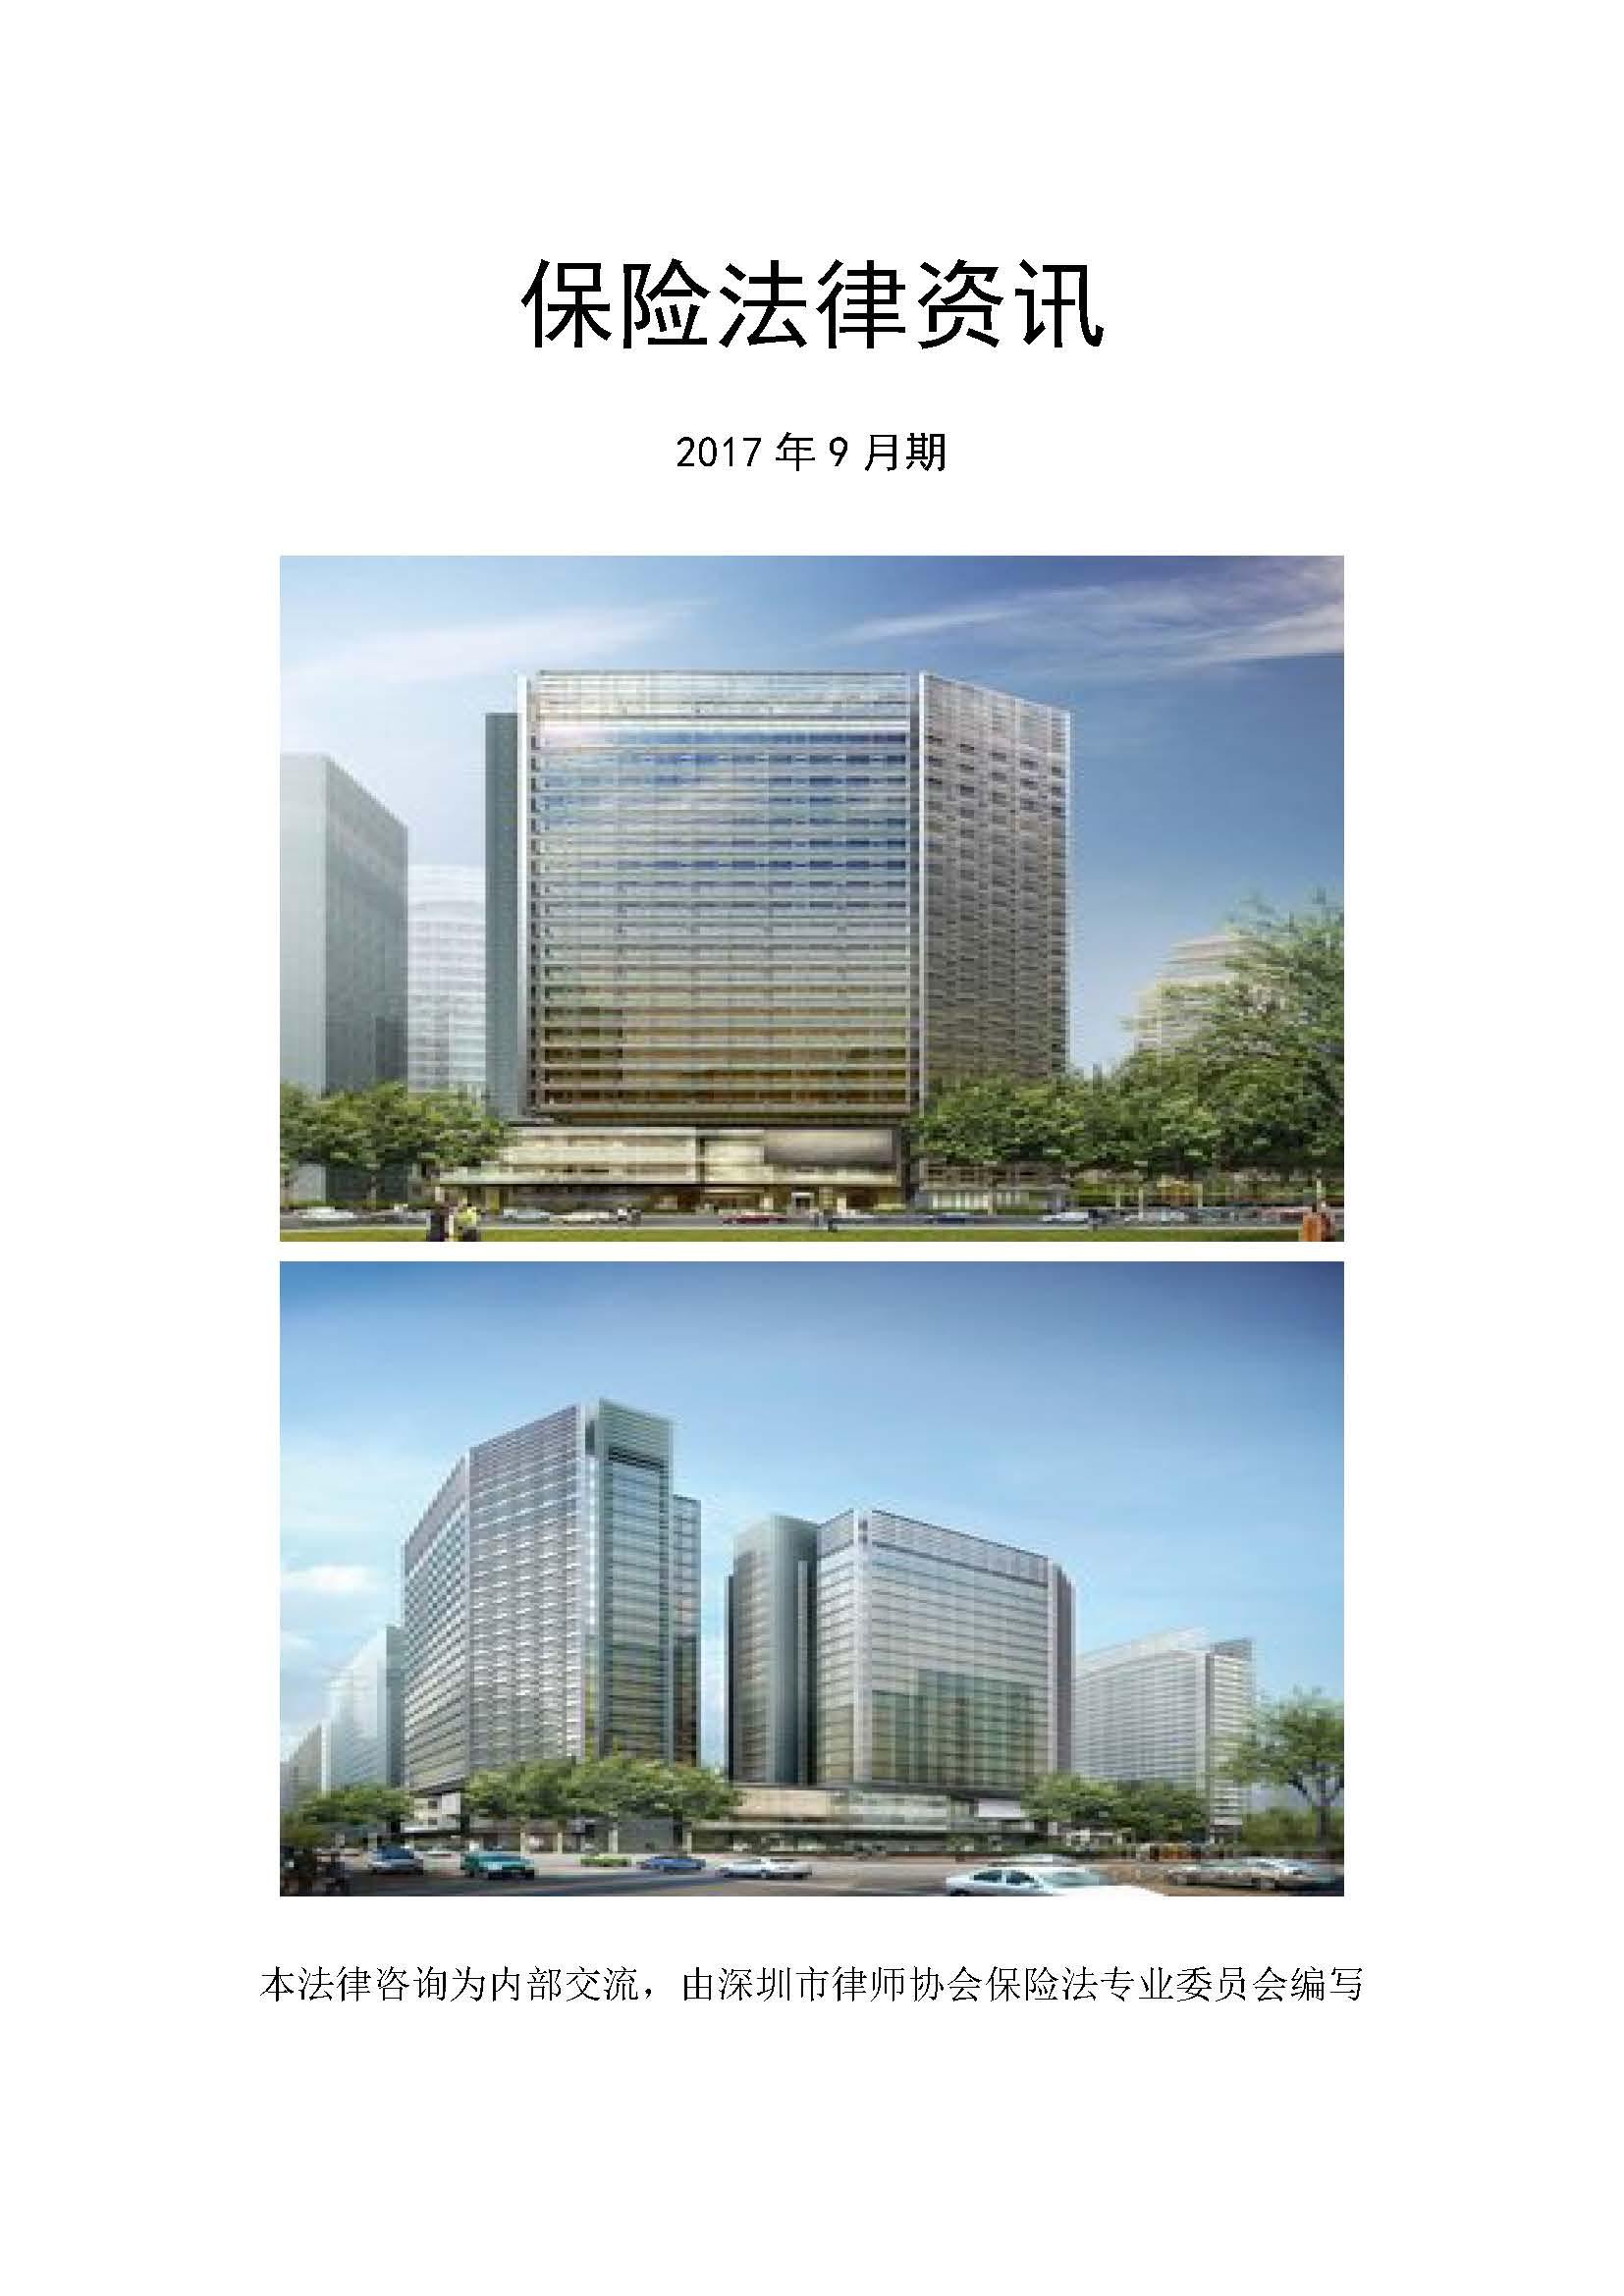 保险行业资讯_【行业资讯】保险法律资讯2017年9月期 - 业务研究